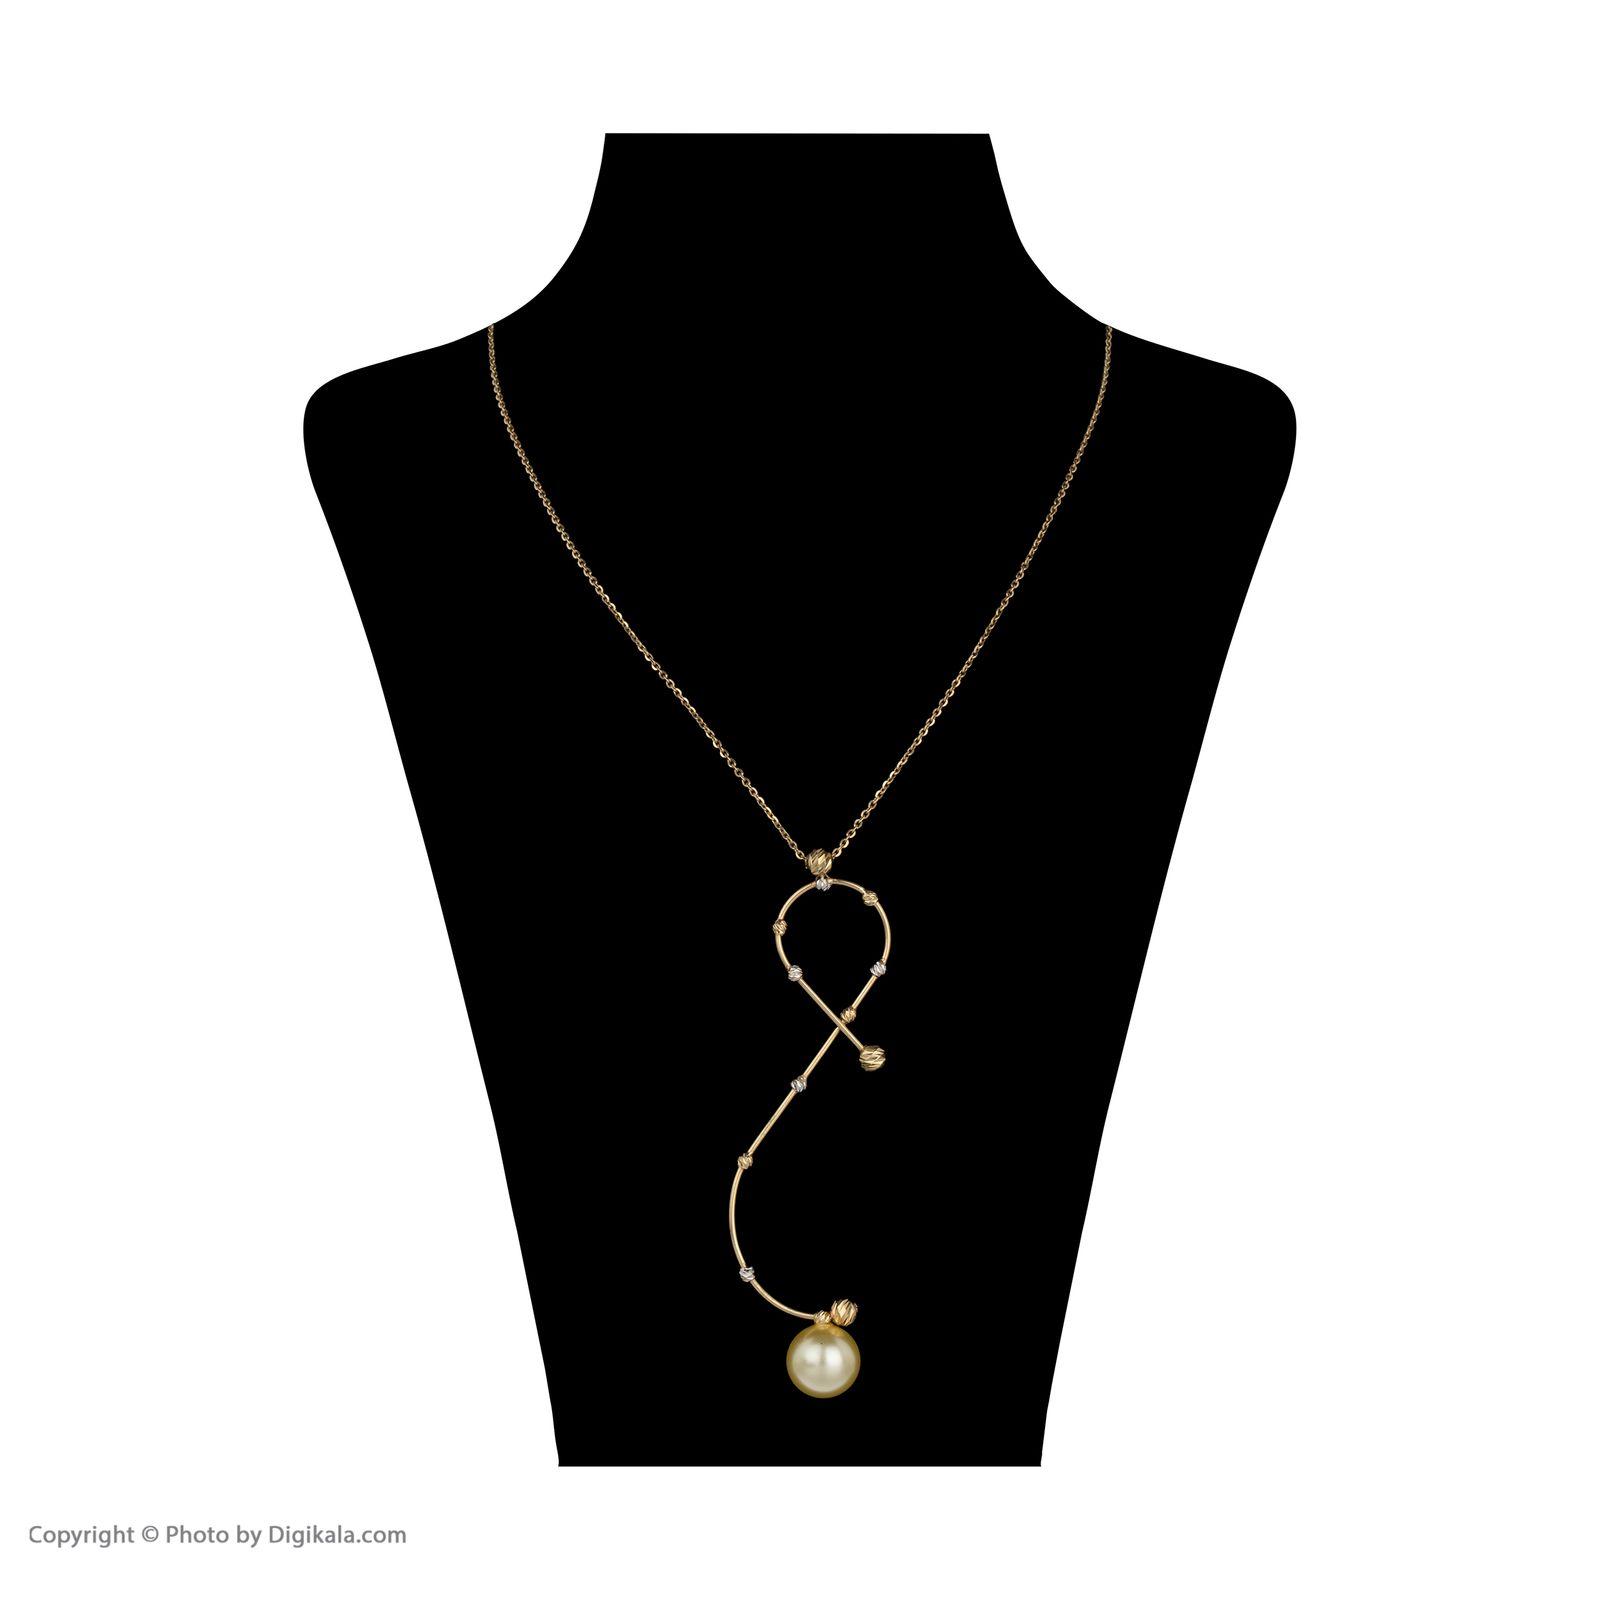 گردنبند طلا 18 عیار زنانه سیودو مدل 146856 -  - 3